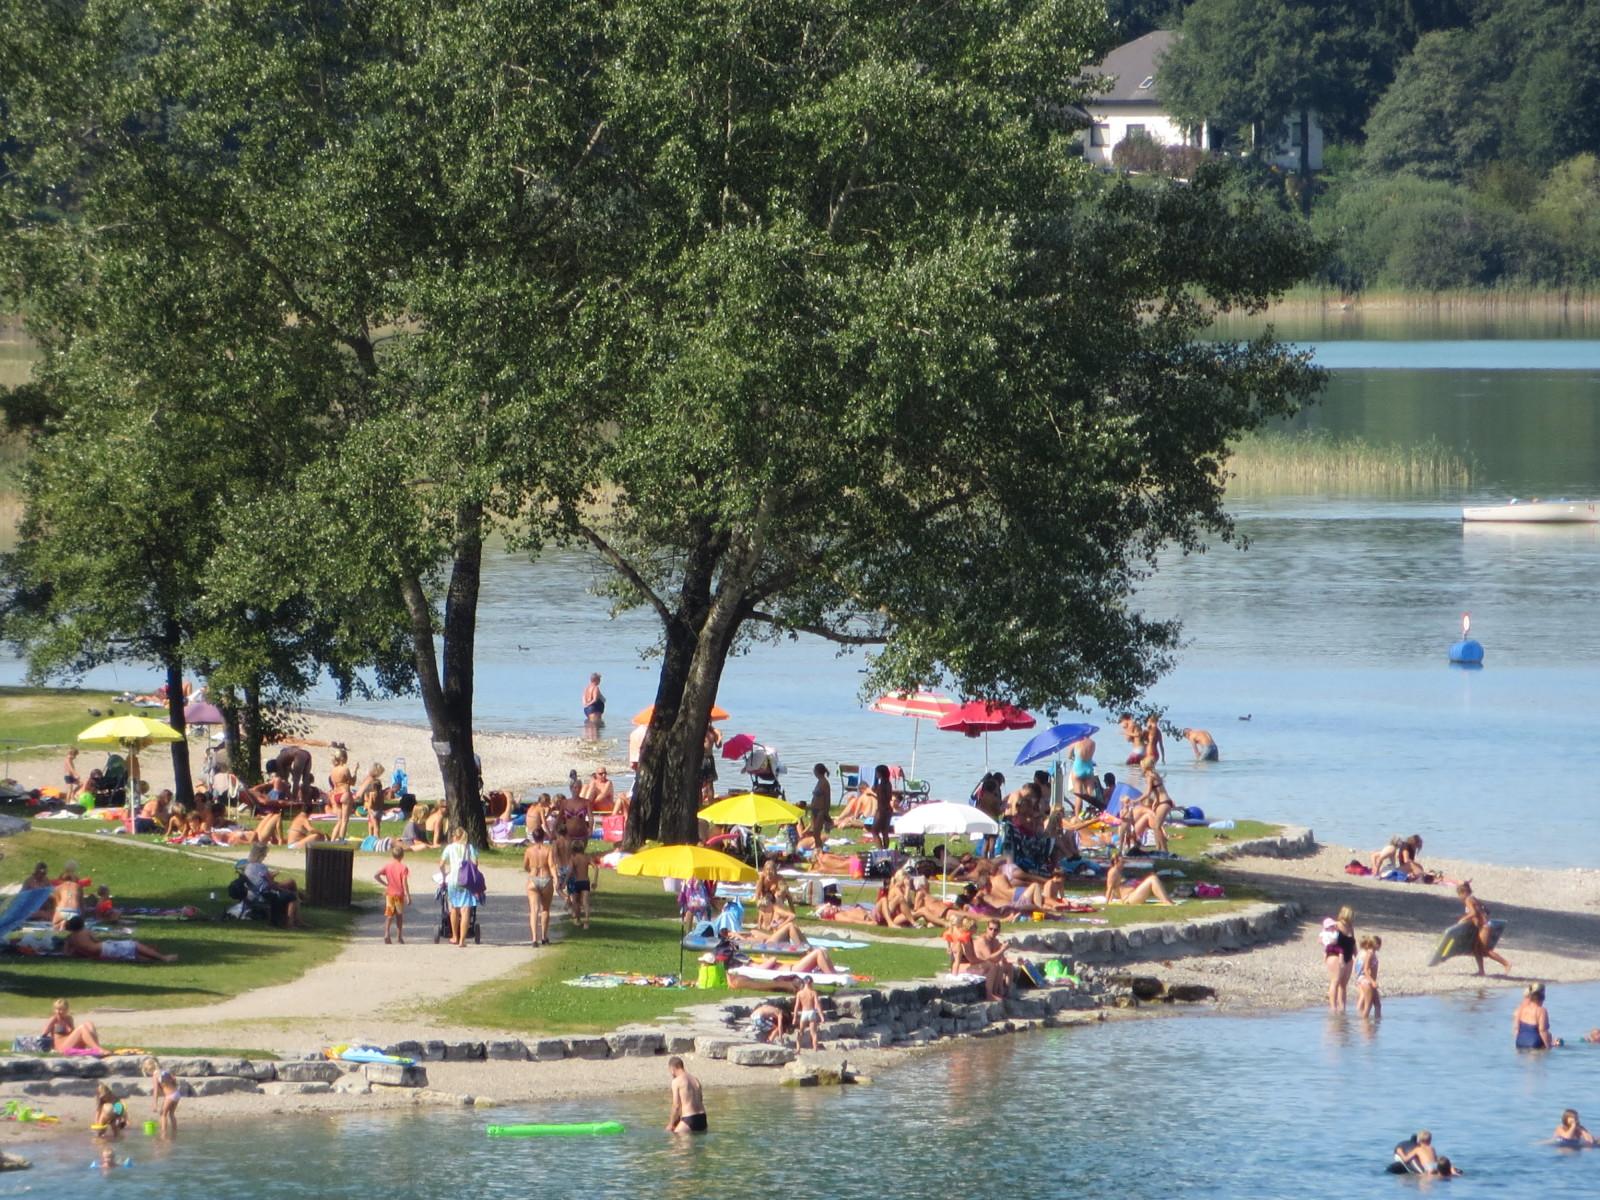 Das Strandbad in Mattsee ist gut besucht...